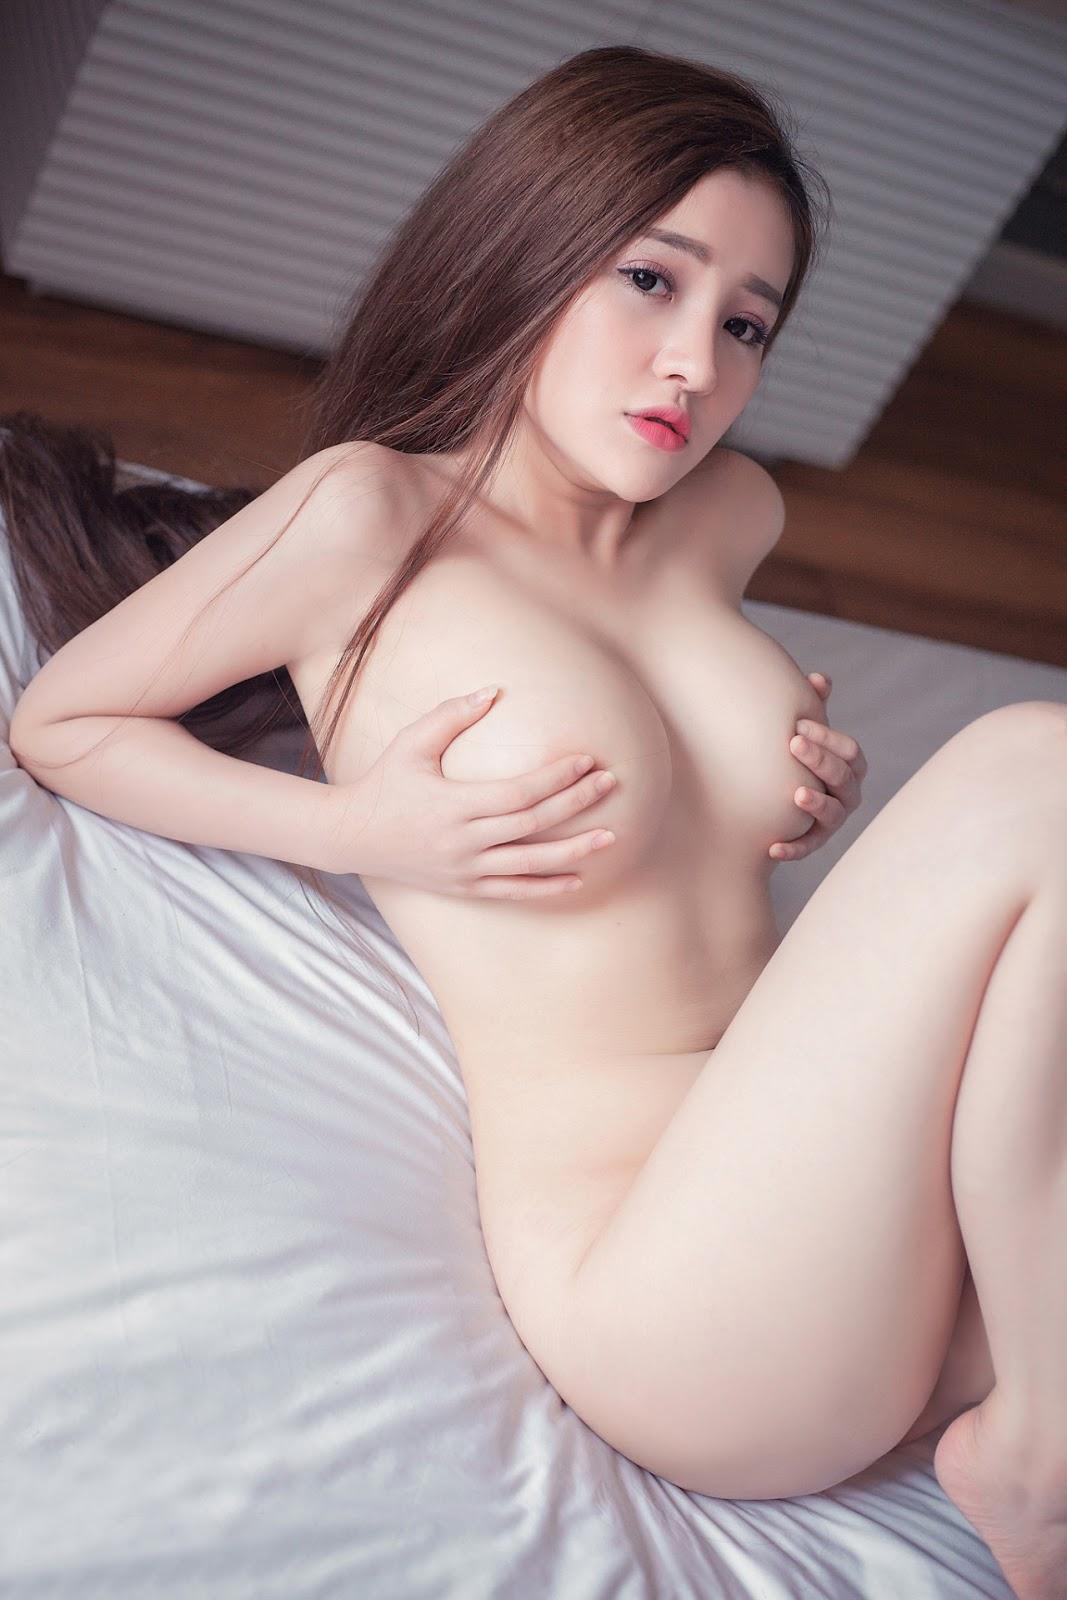 Cerita sex.com